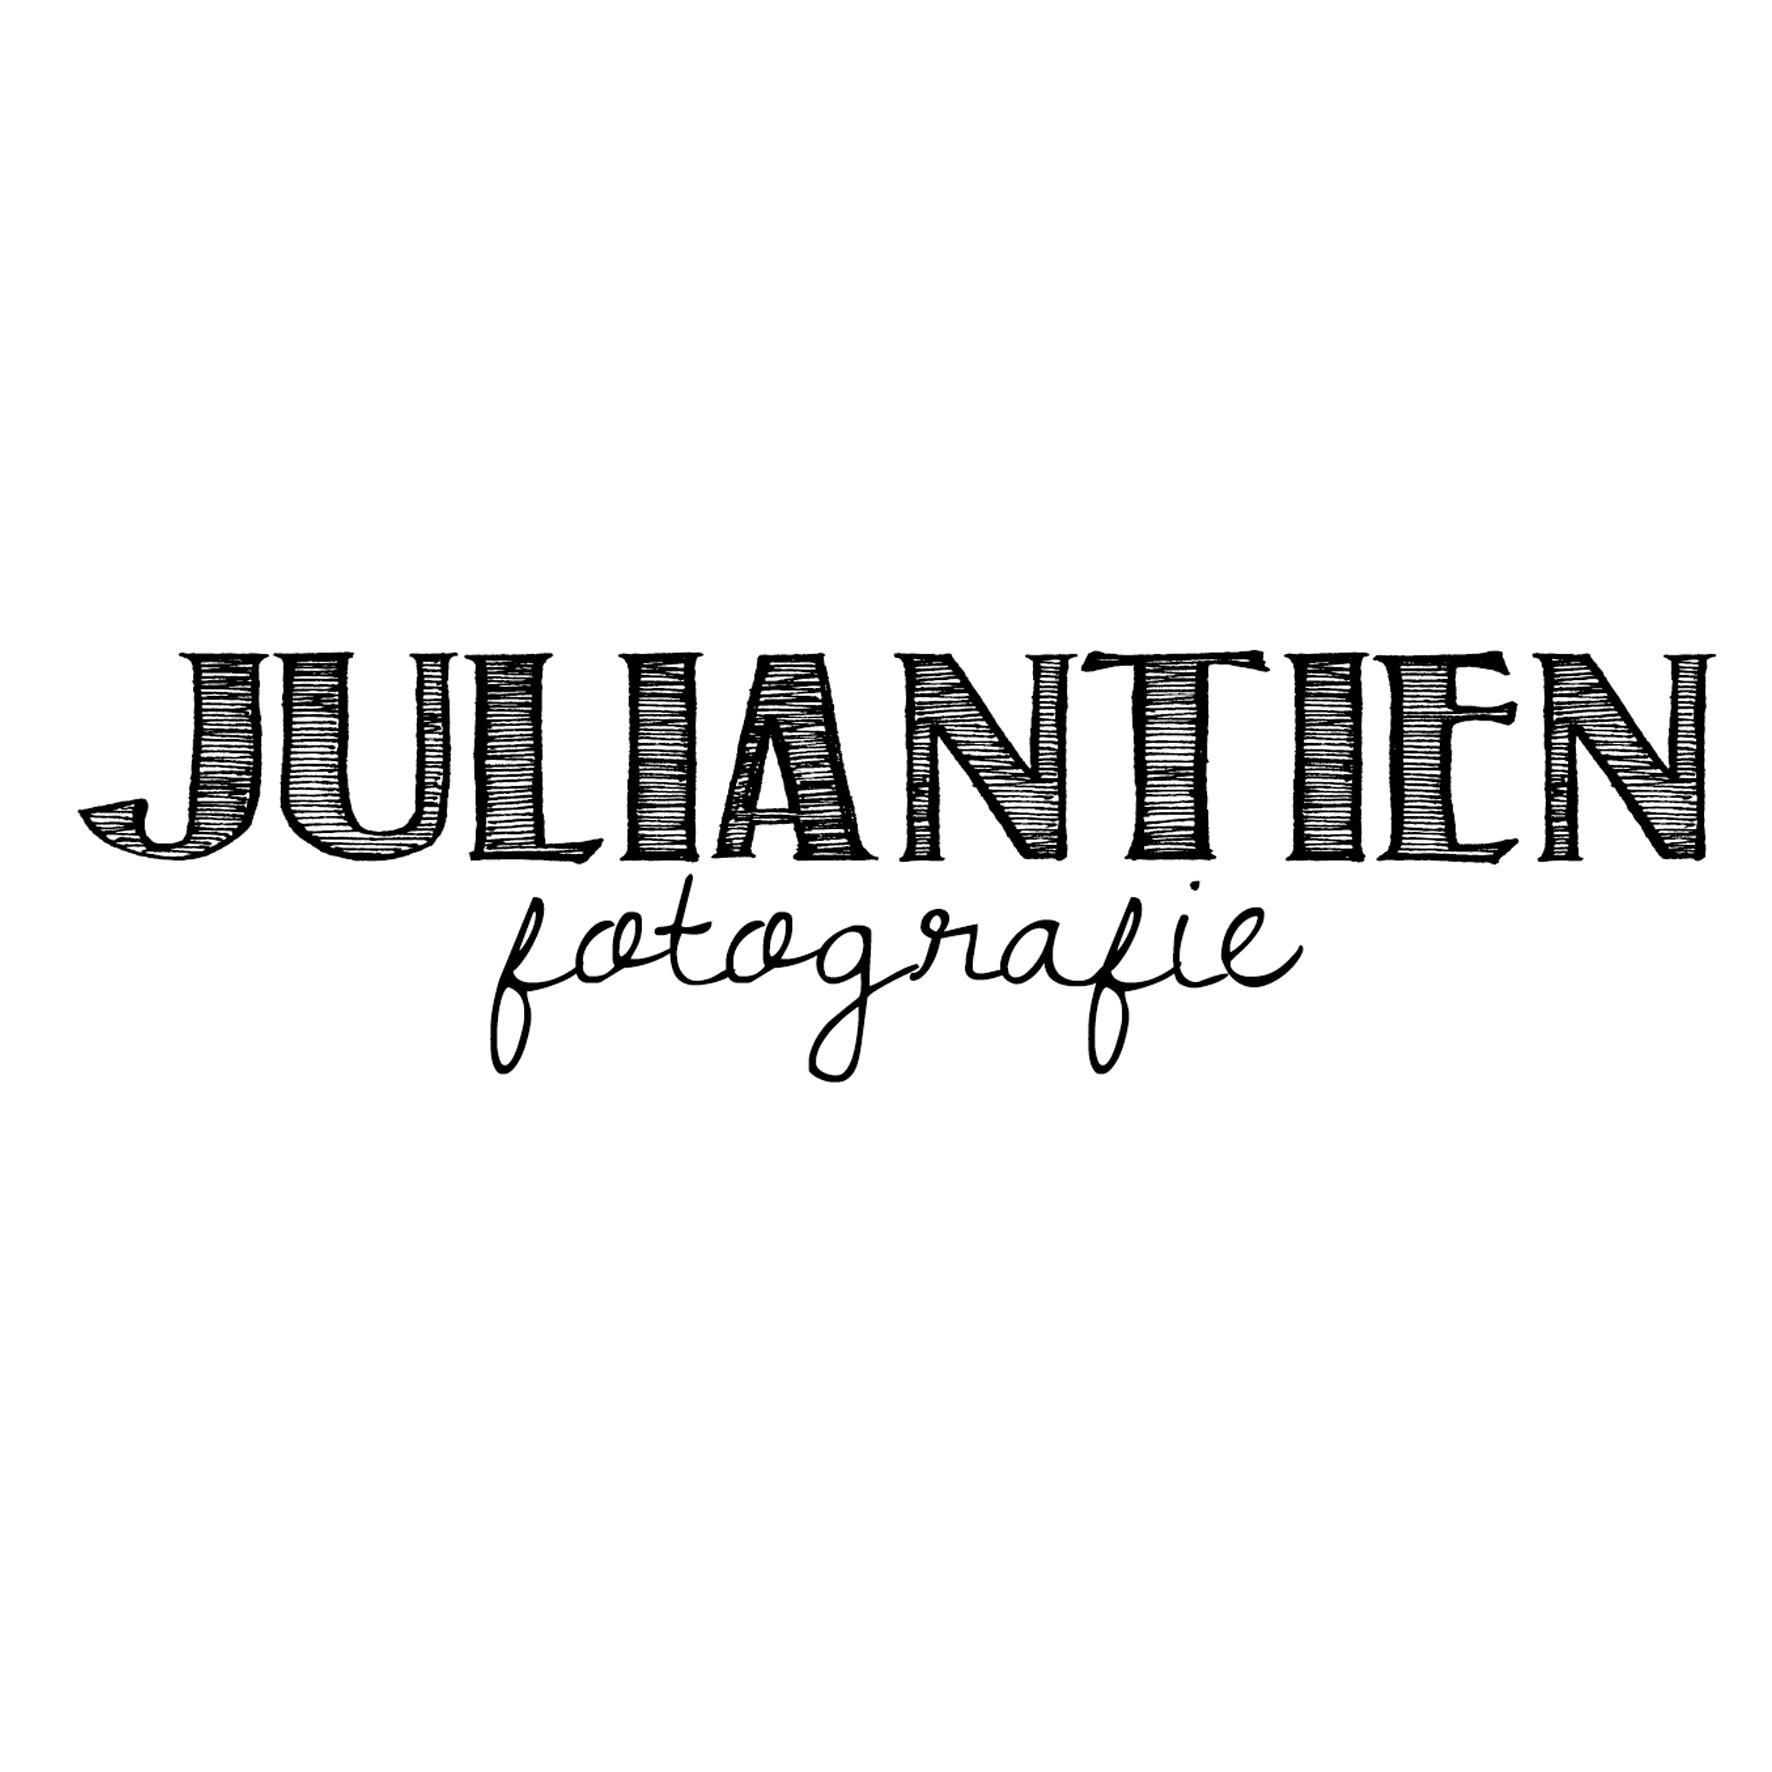 (c) Juliantien.nl